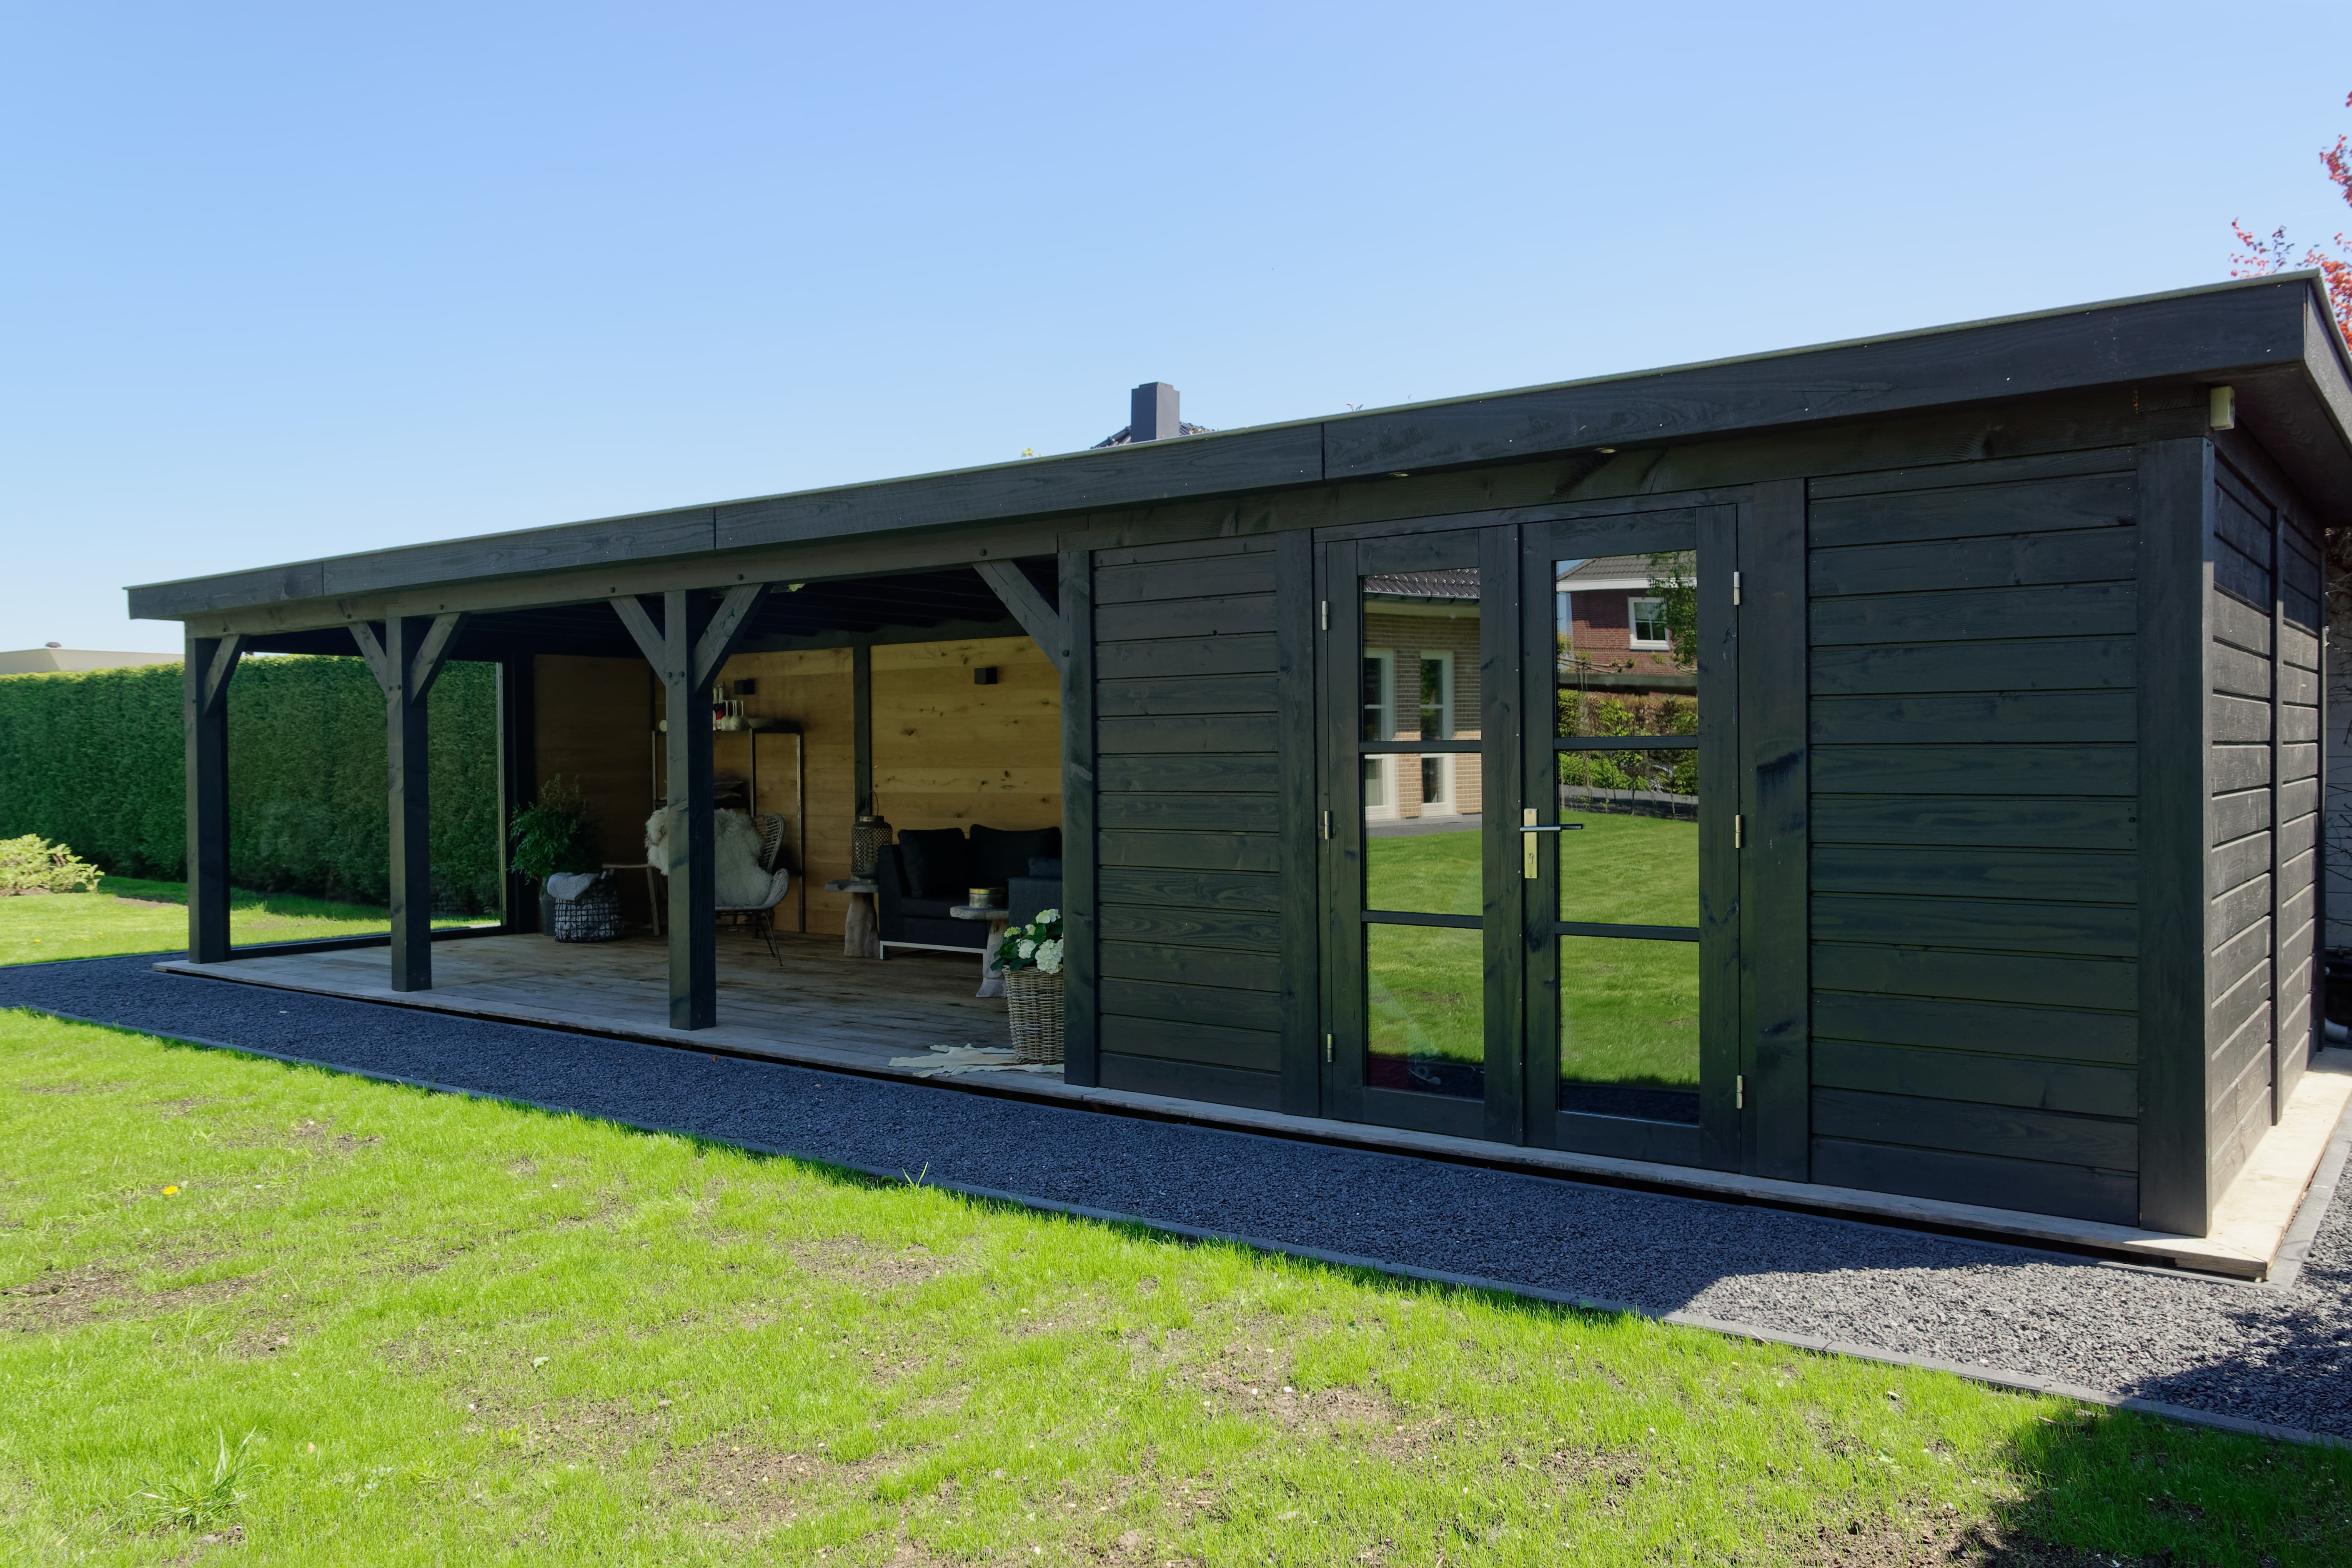 houten-tuinkamer-14 - Project Bleiswijk: Luxe tuinhuis met tuinkamer platdak.